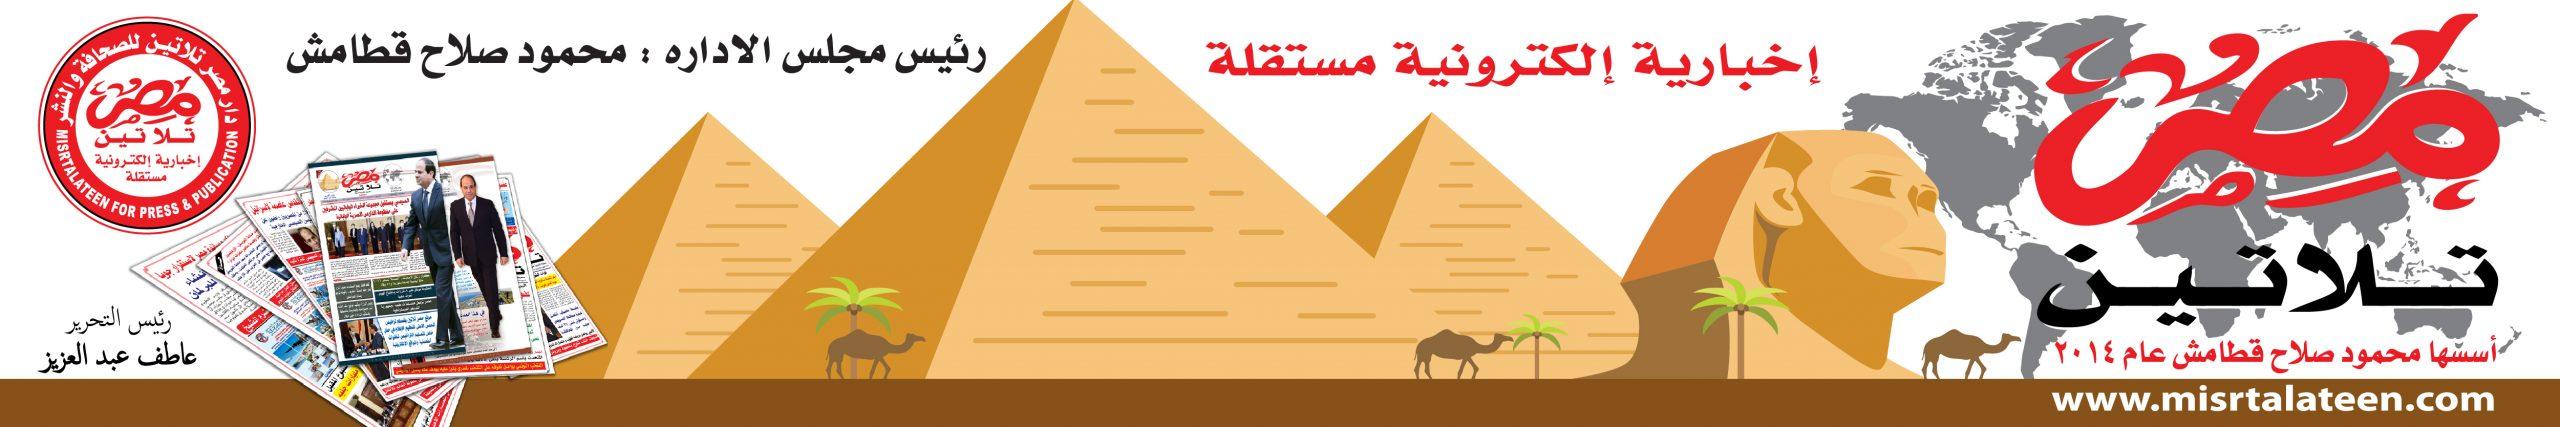 موقع مصر تلاتين الإخباري